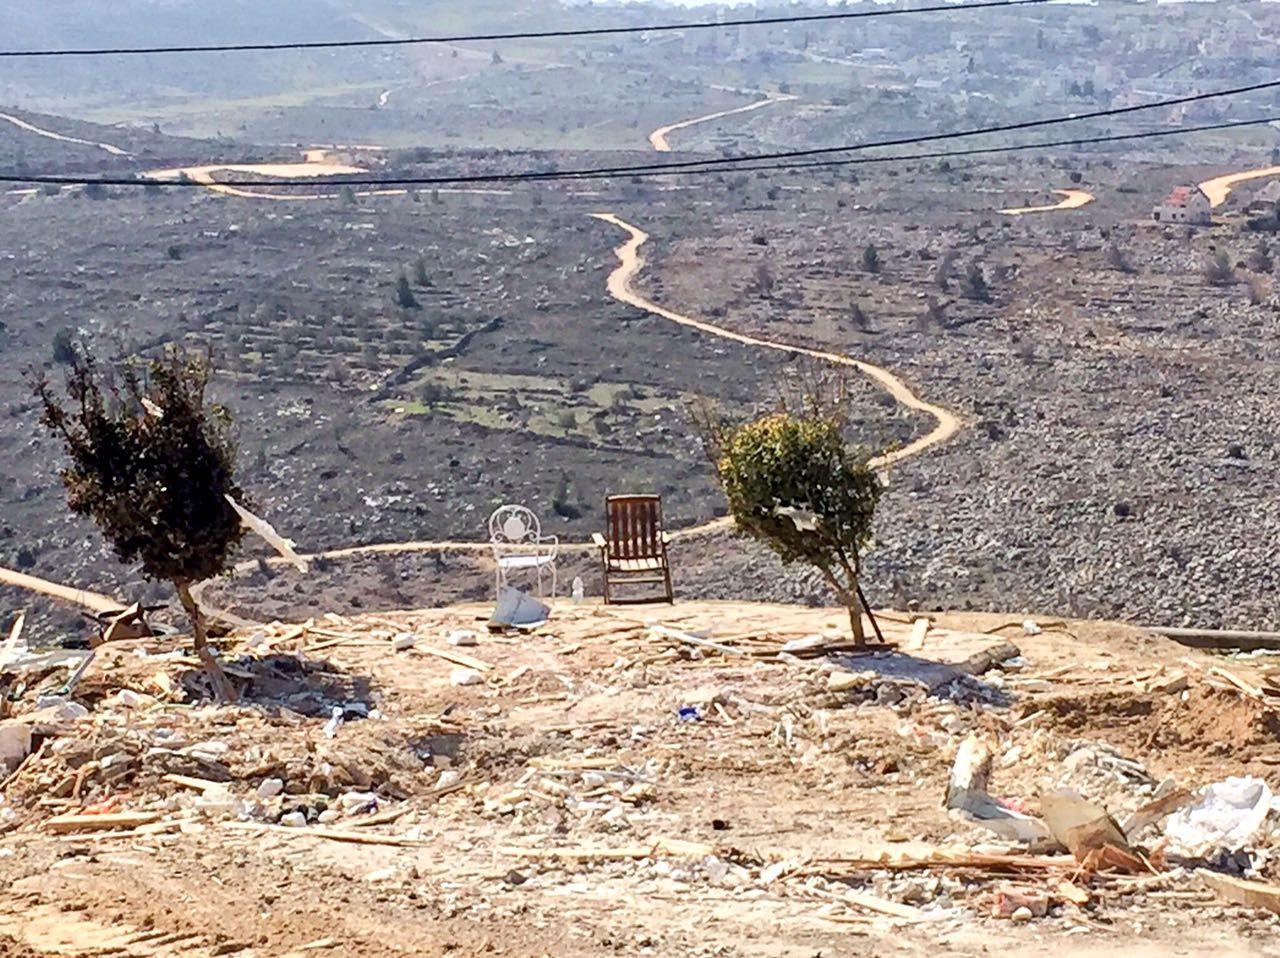 Nouvelle implantation juive en Cisjordanie, une première en 20 ans